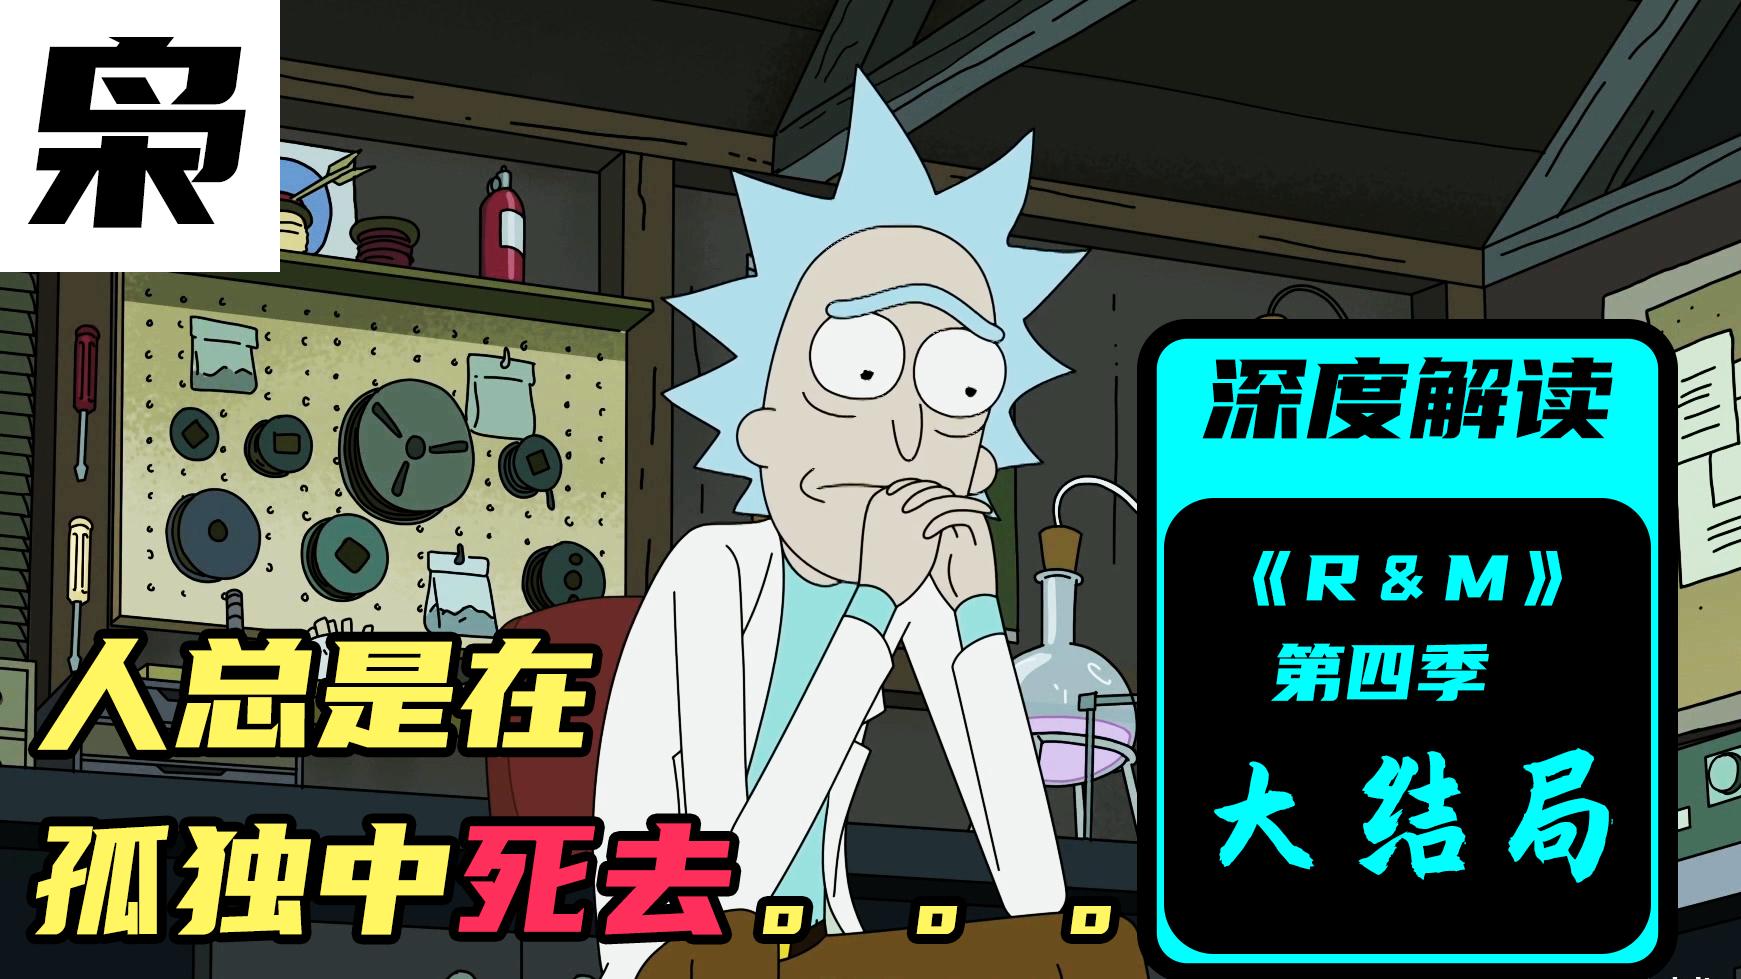 """深度解读《瑞克和莫蒂》S04大结局:""""我不再把痛苦放在嘴边,但也从神变成了人。"""""""